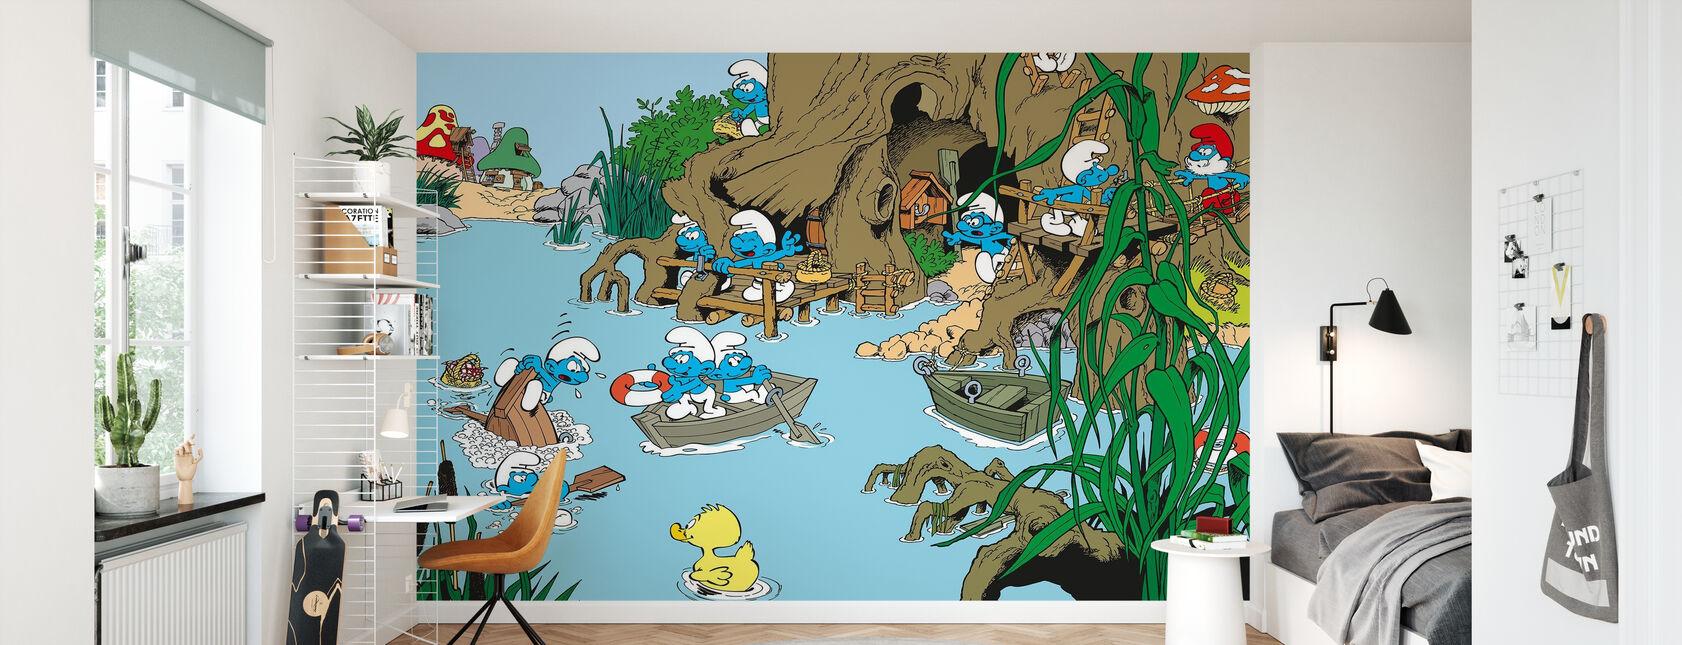 Pitufos - Verano - Papel pintado - Cuarto de niños